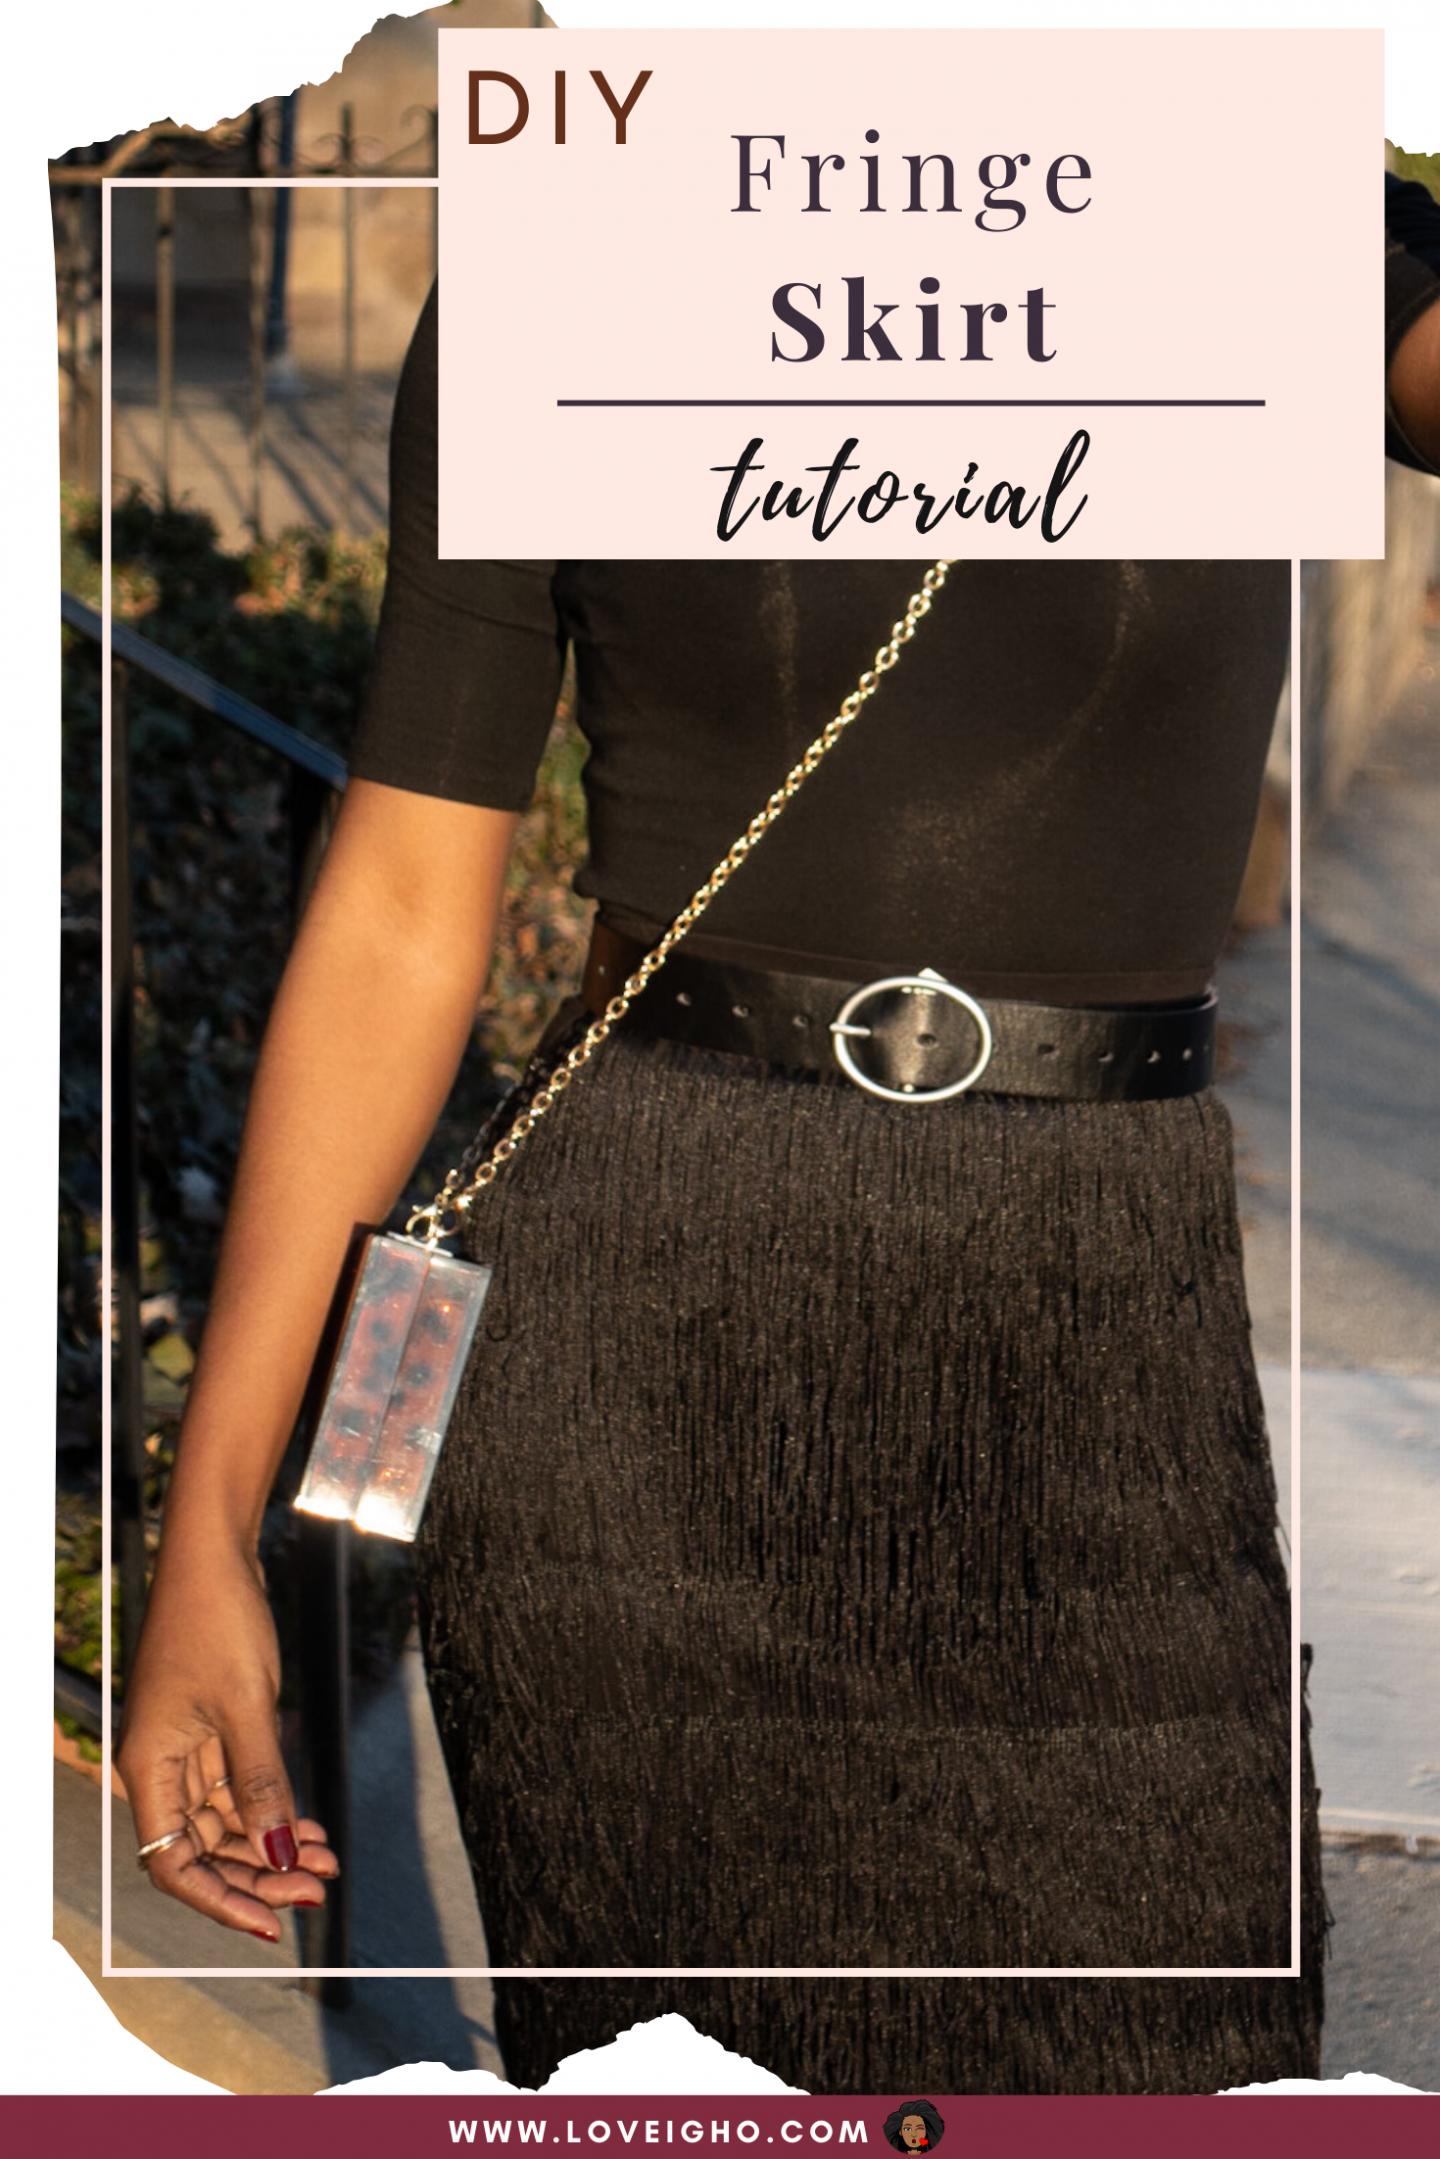 DIY Fringe Skirt | Love Igho